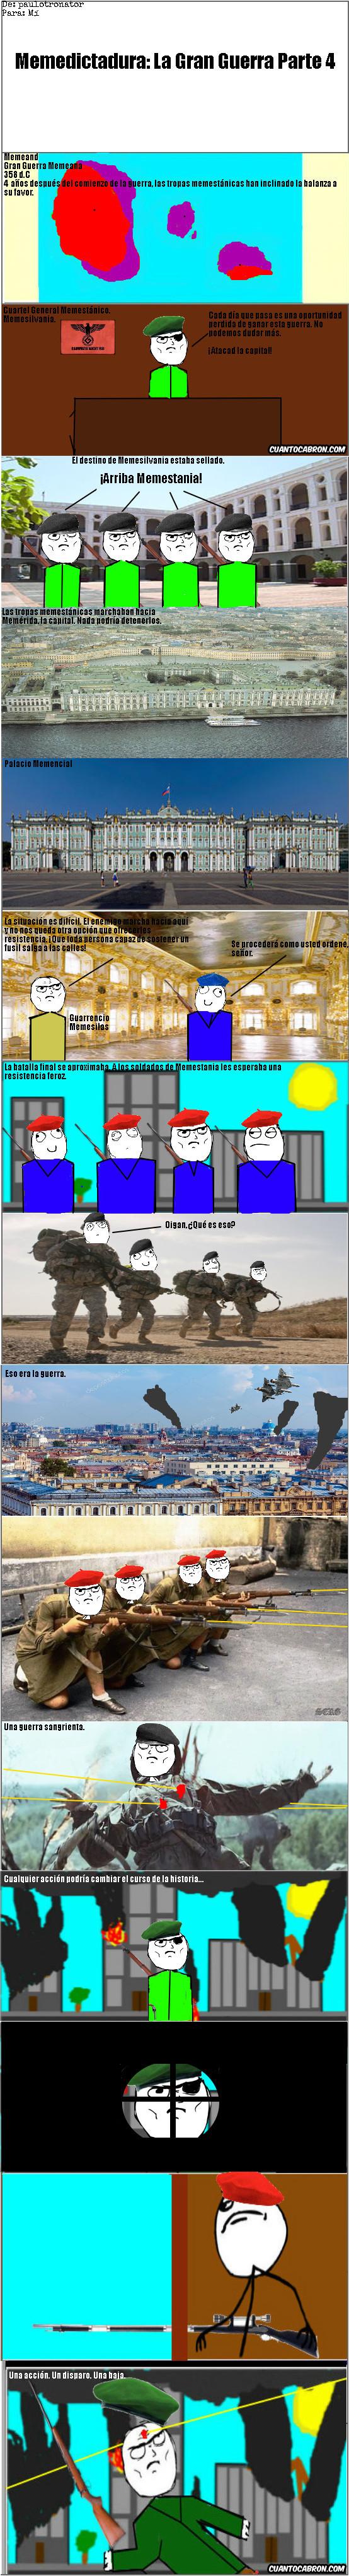 Mix - Memedictadura: La Gran Guerra Parte 4